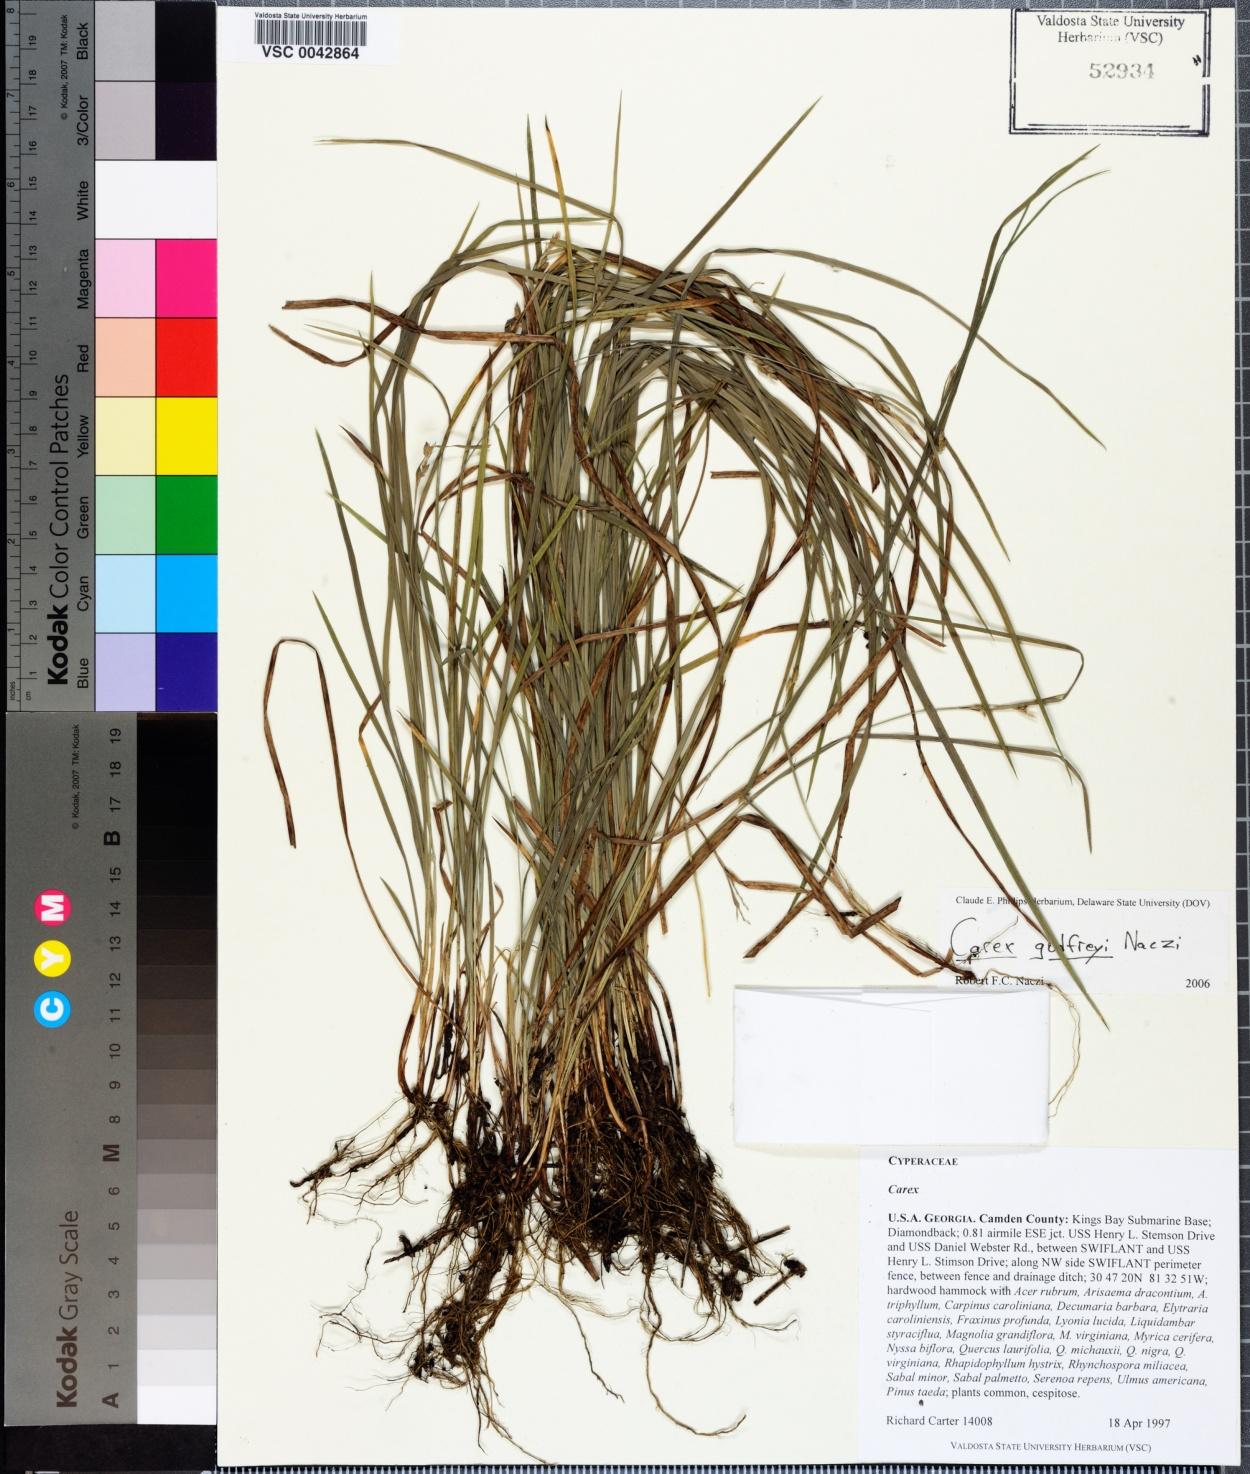 Carex godfreyi image